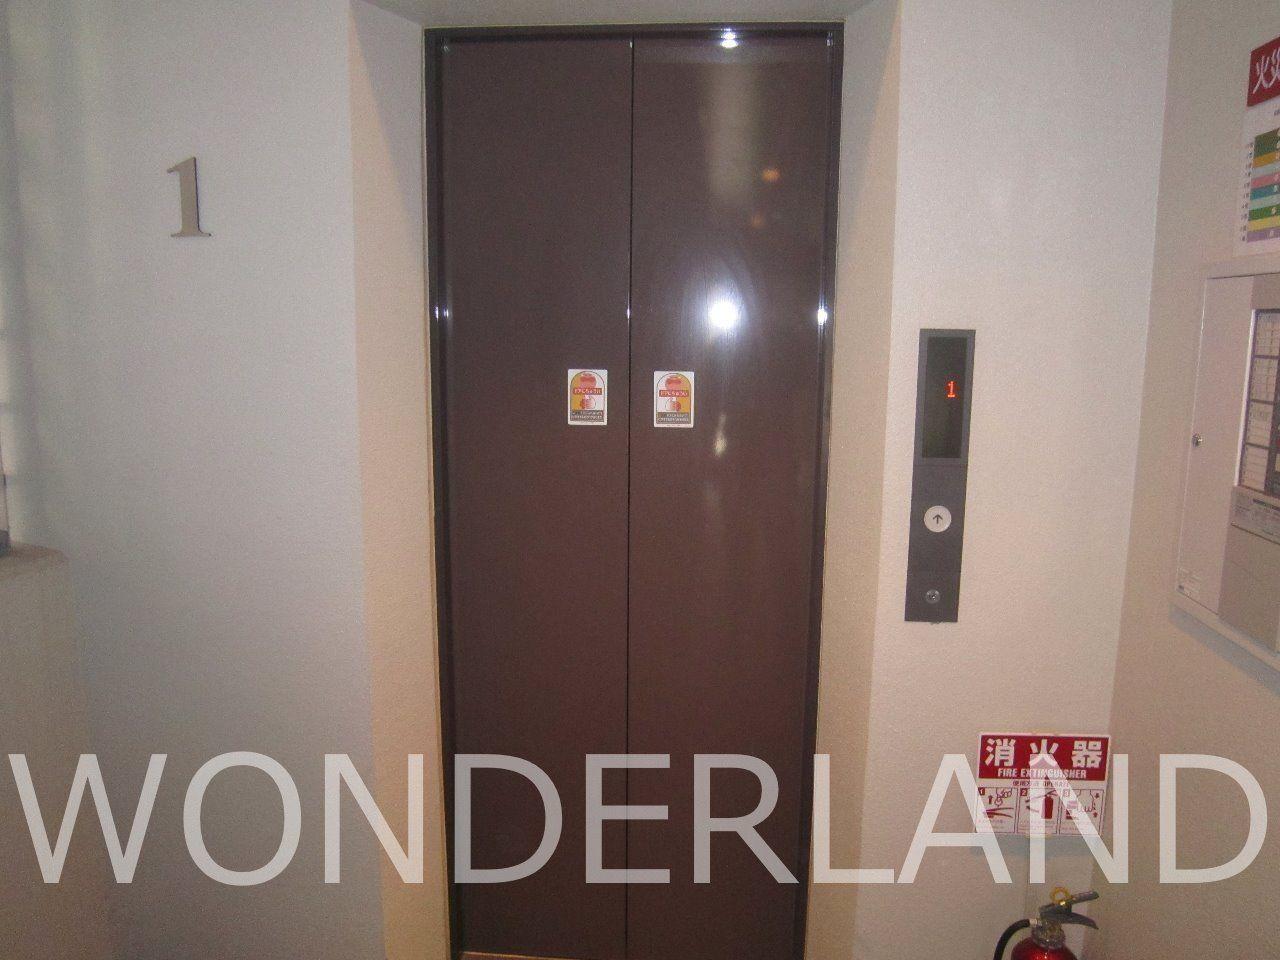 マンション エレベーター